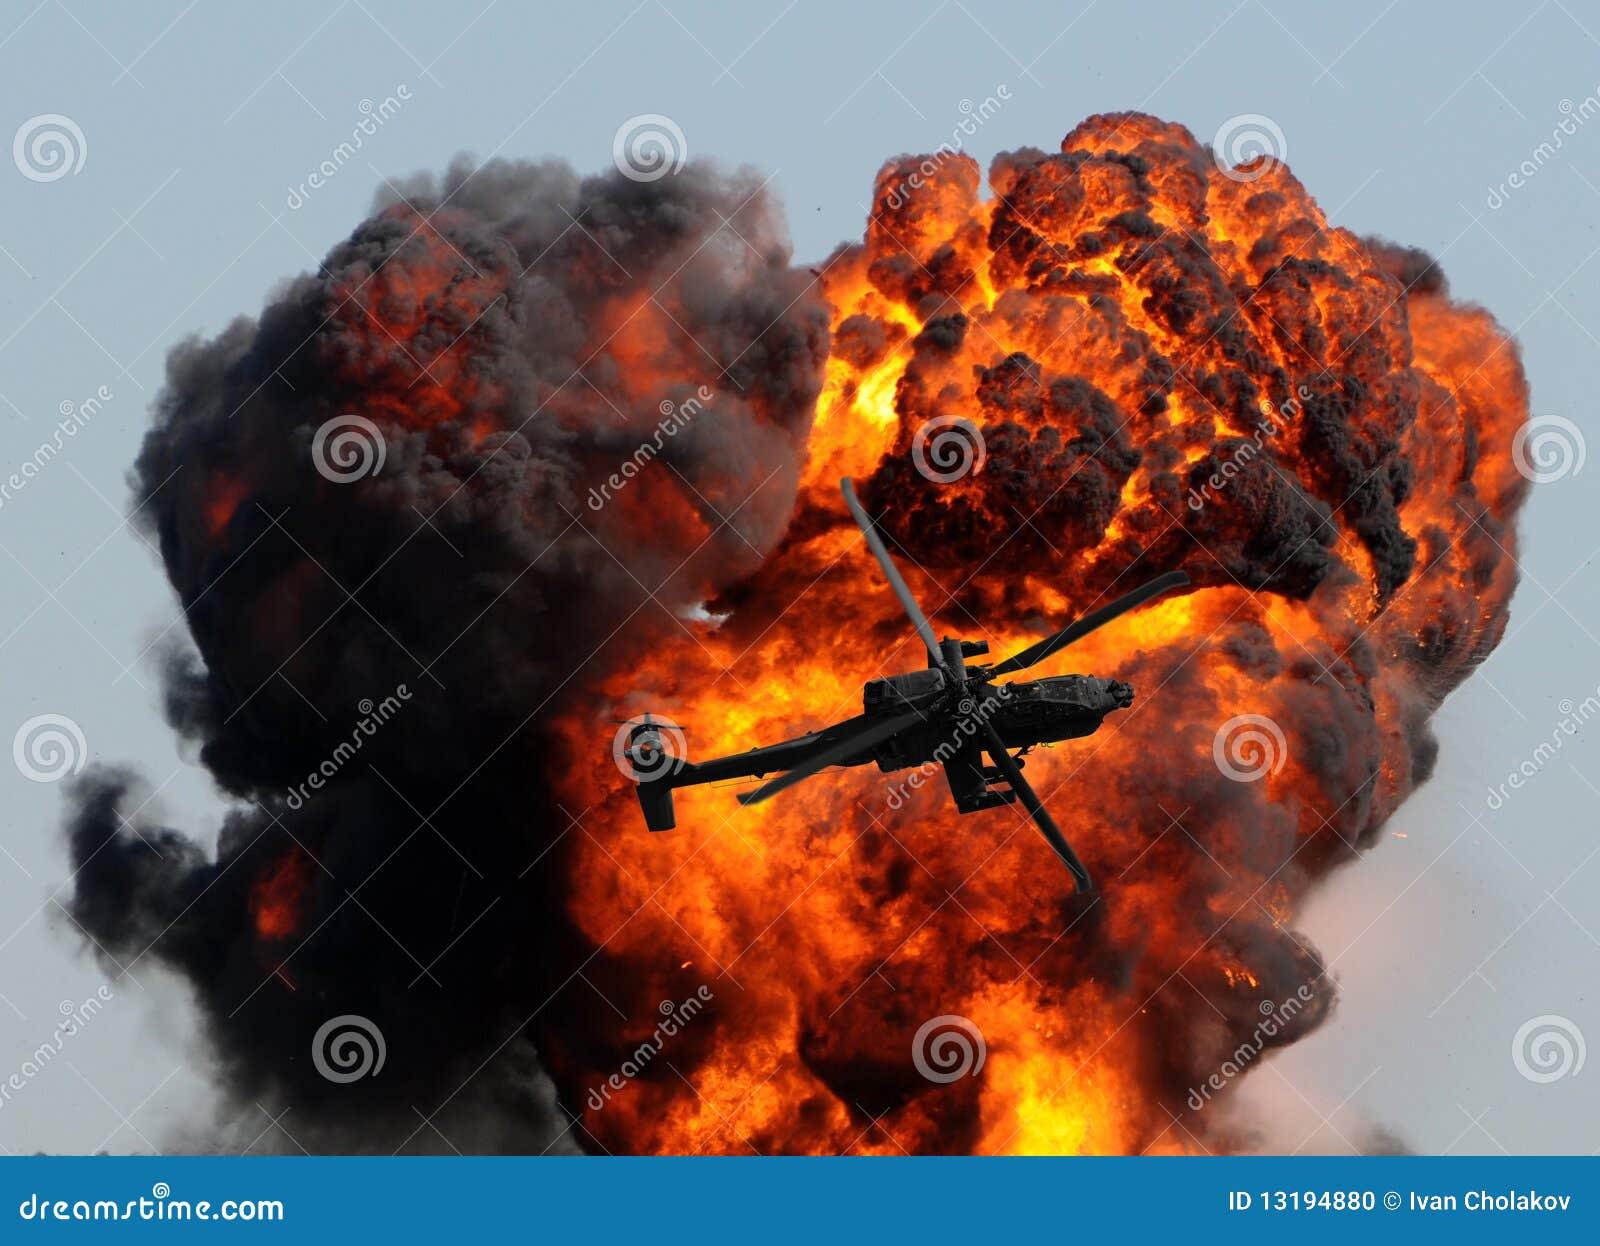 Helicóptero y explosión gigante